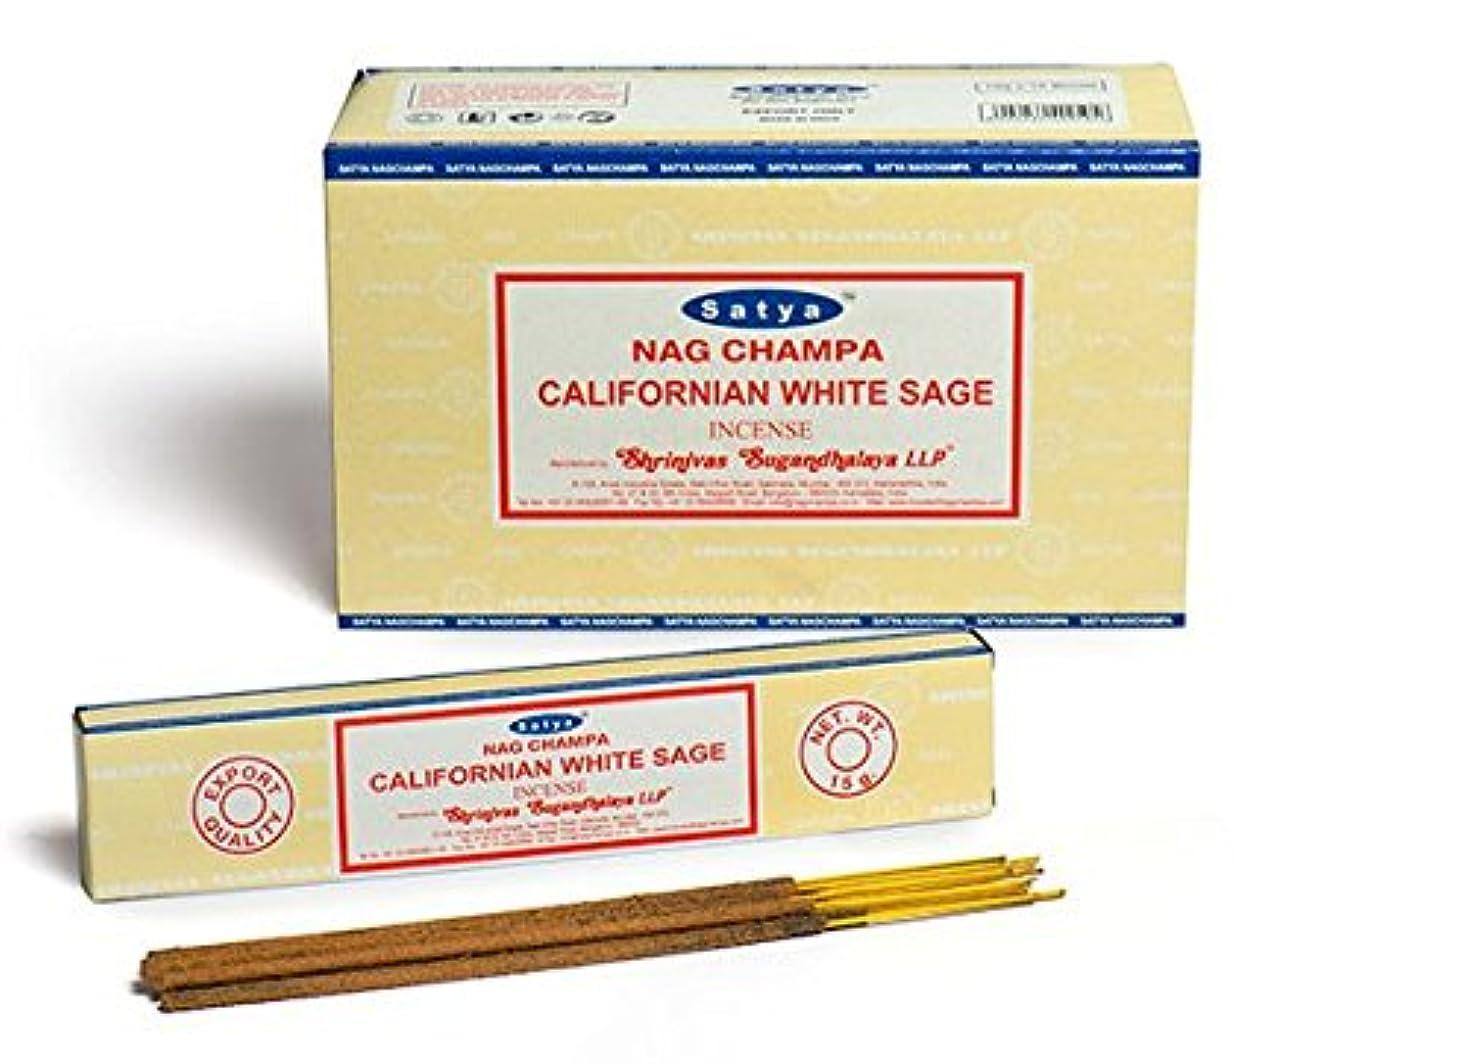 ウェイドボーナス批判的Satya Nag Champa カリフォルニアホワイトセージ香スティック Agarbatti 180グラムボックス | 15グラム入り12パック 箱入り | 輸出品質